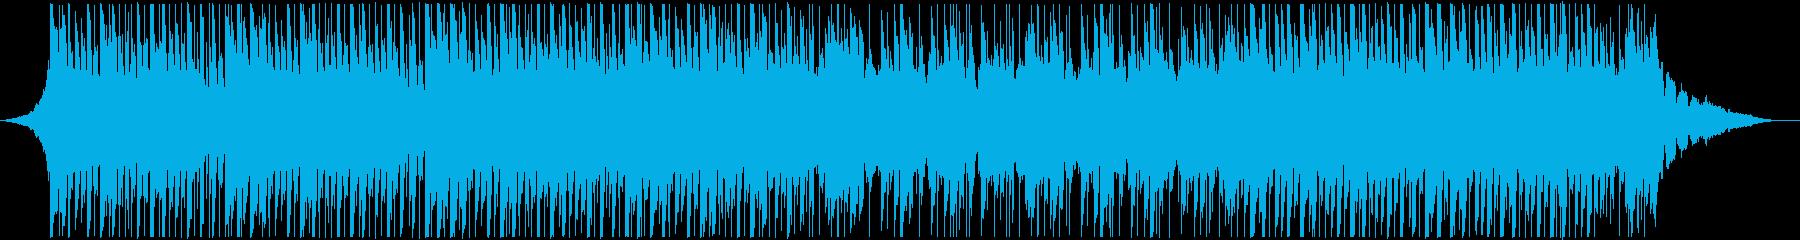 メディカルコーポレート(中)の再生済みの波形